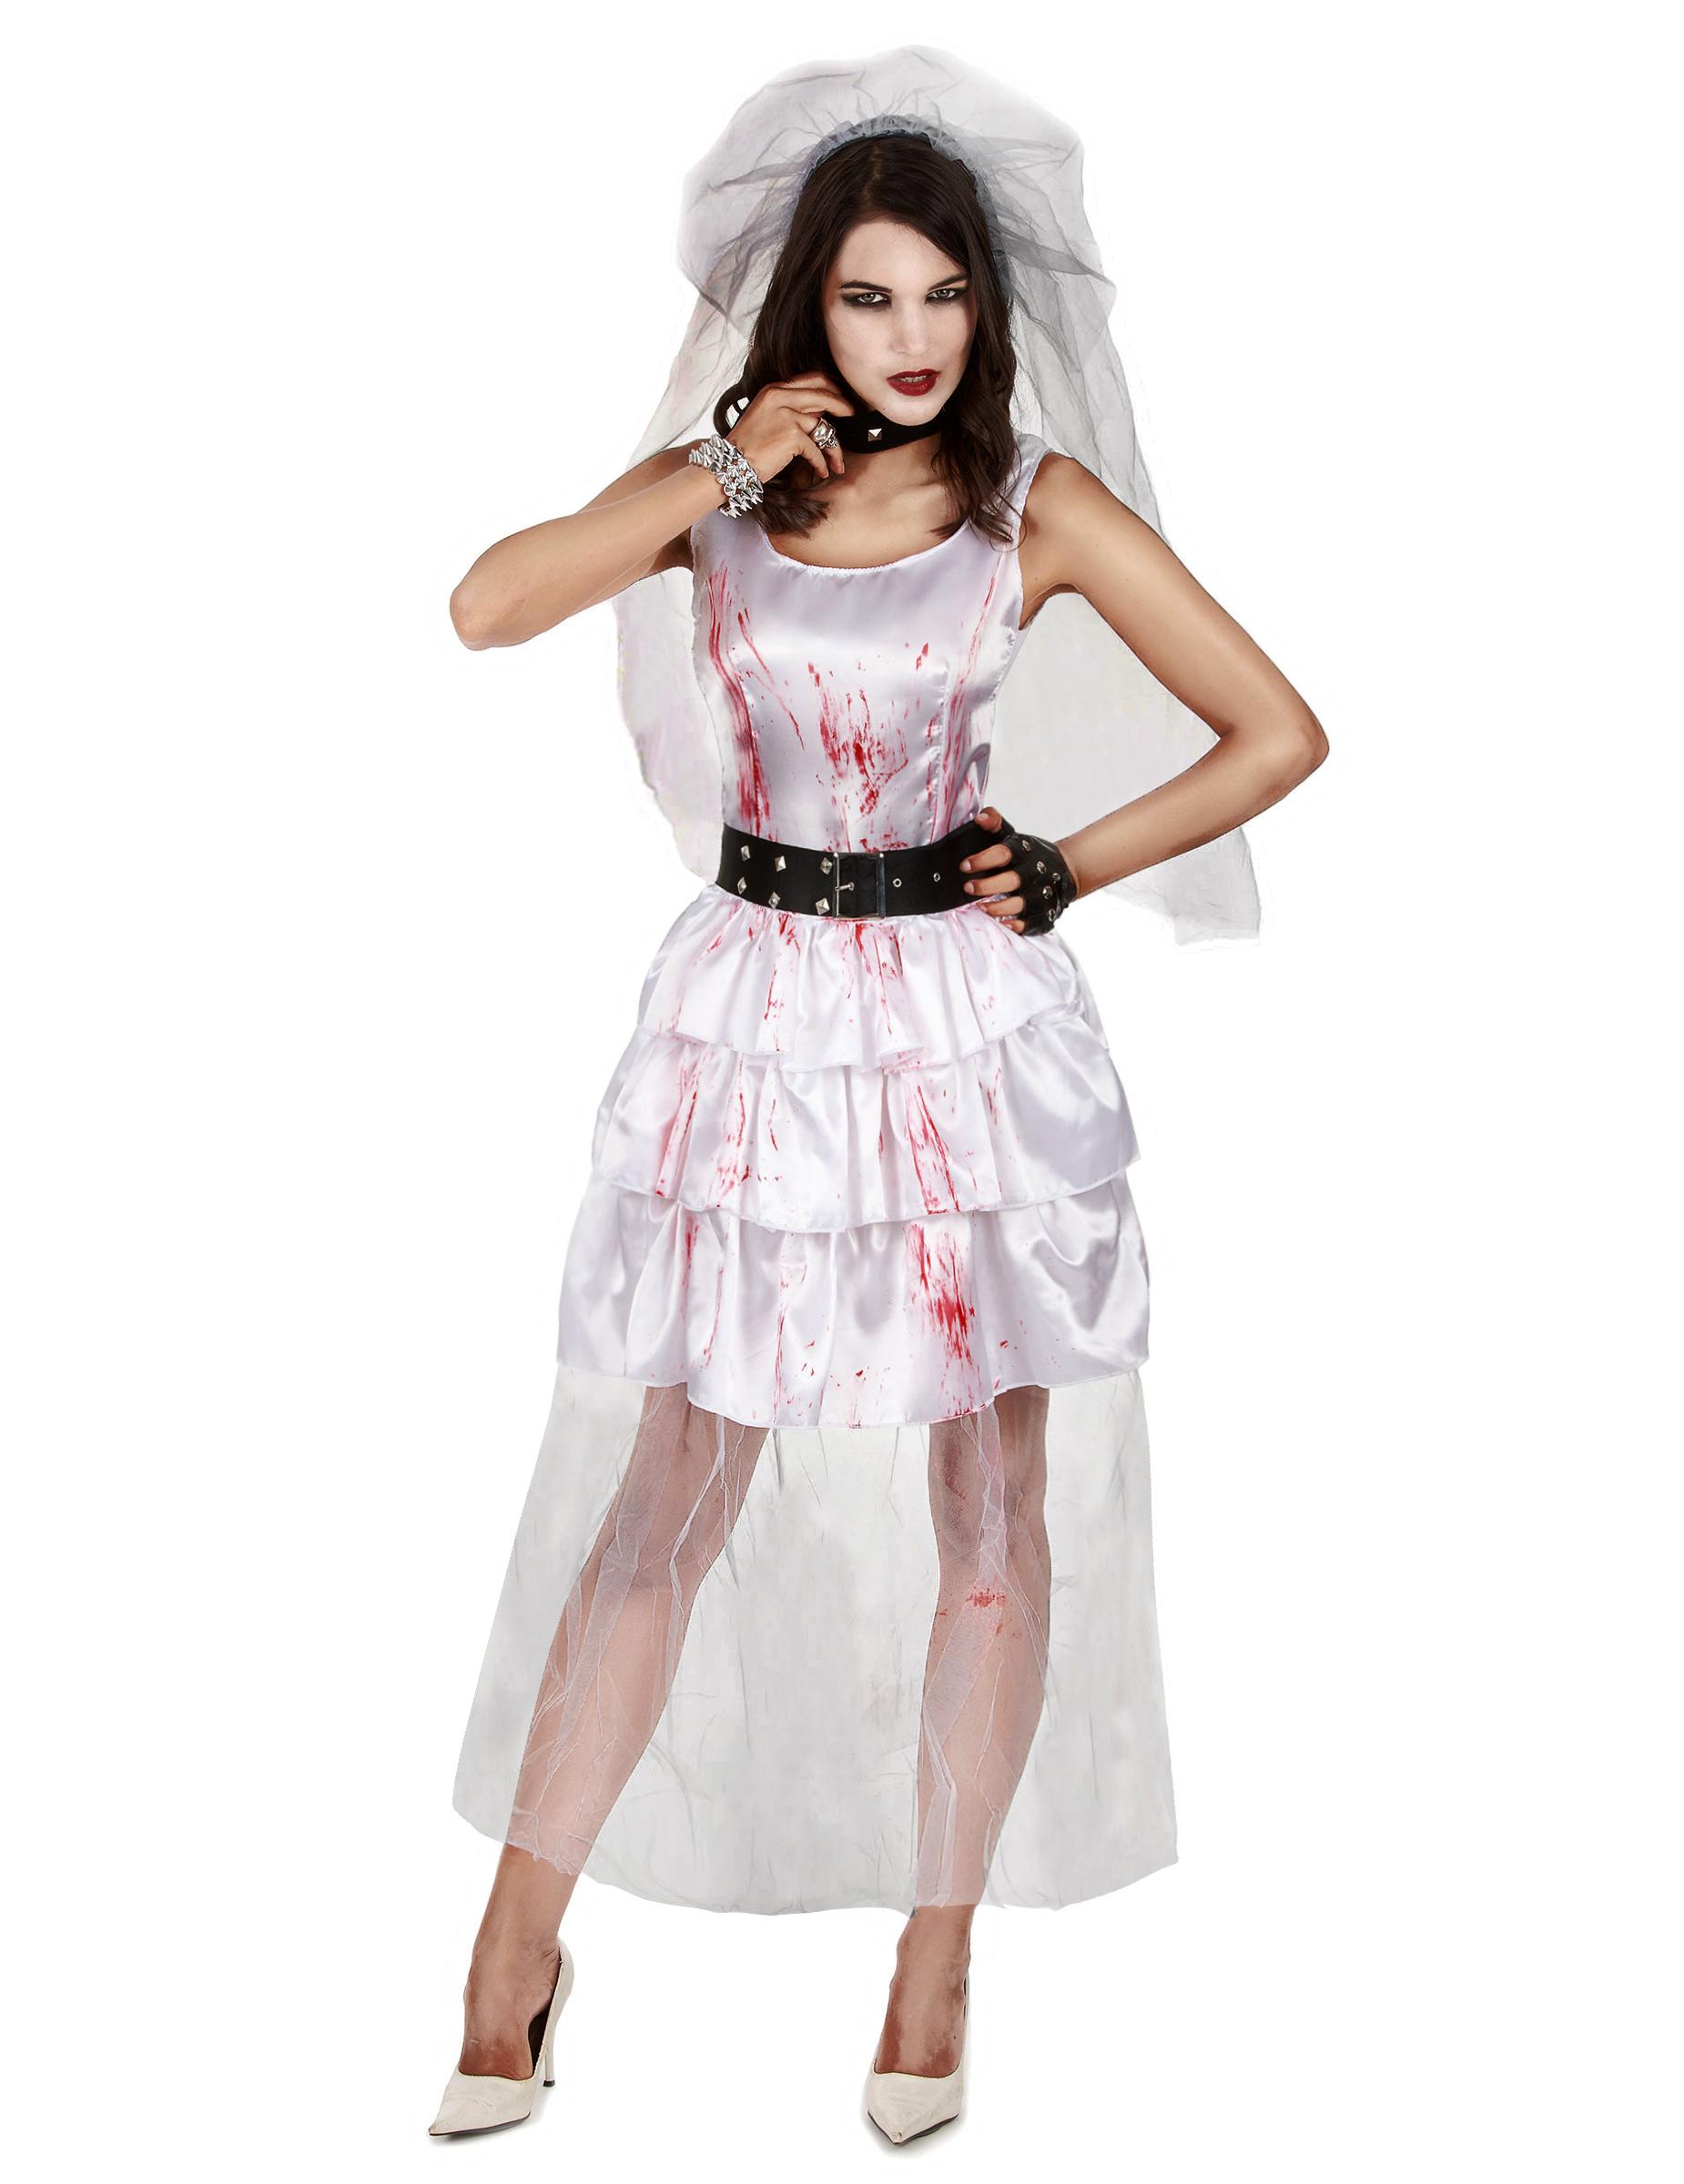 d guisement mari e zombie femme halloween d coration anniversaire et f tes th me sur vegaoo party. Black Bedroom Furniture Sets. Home Design Ideas